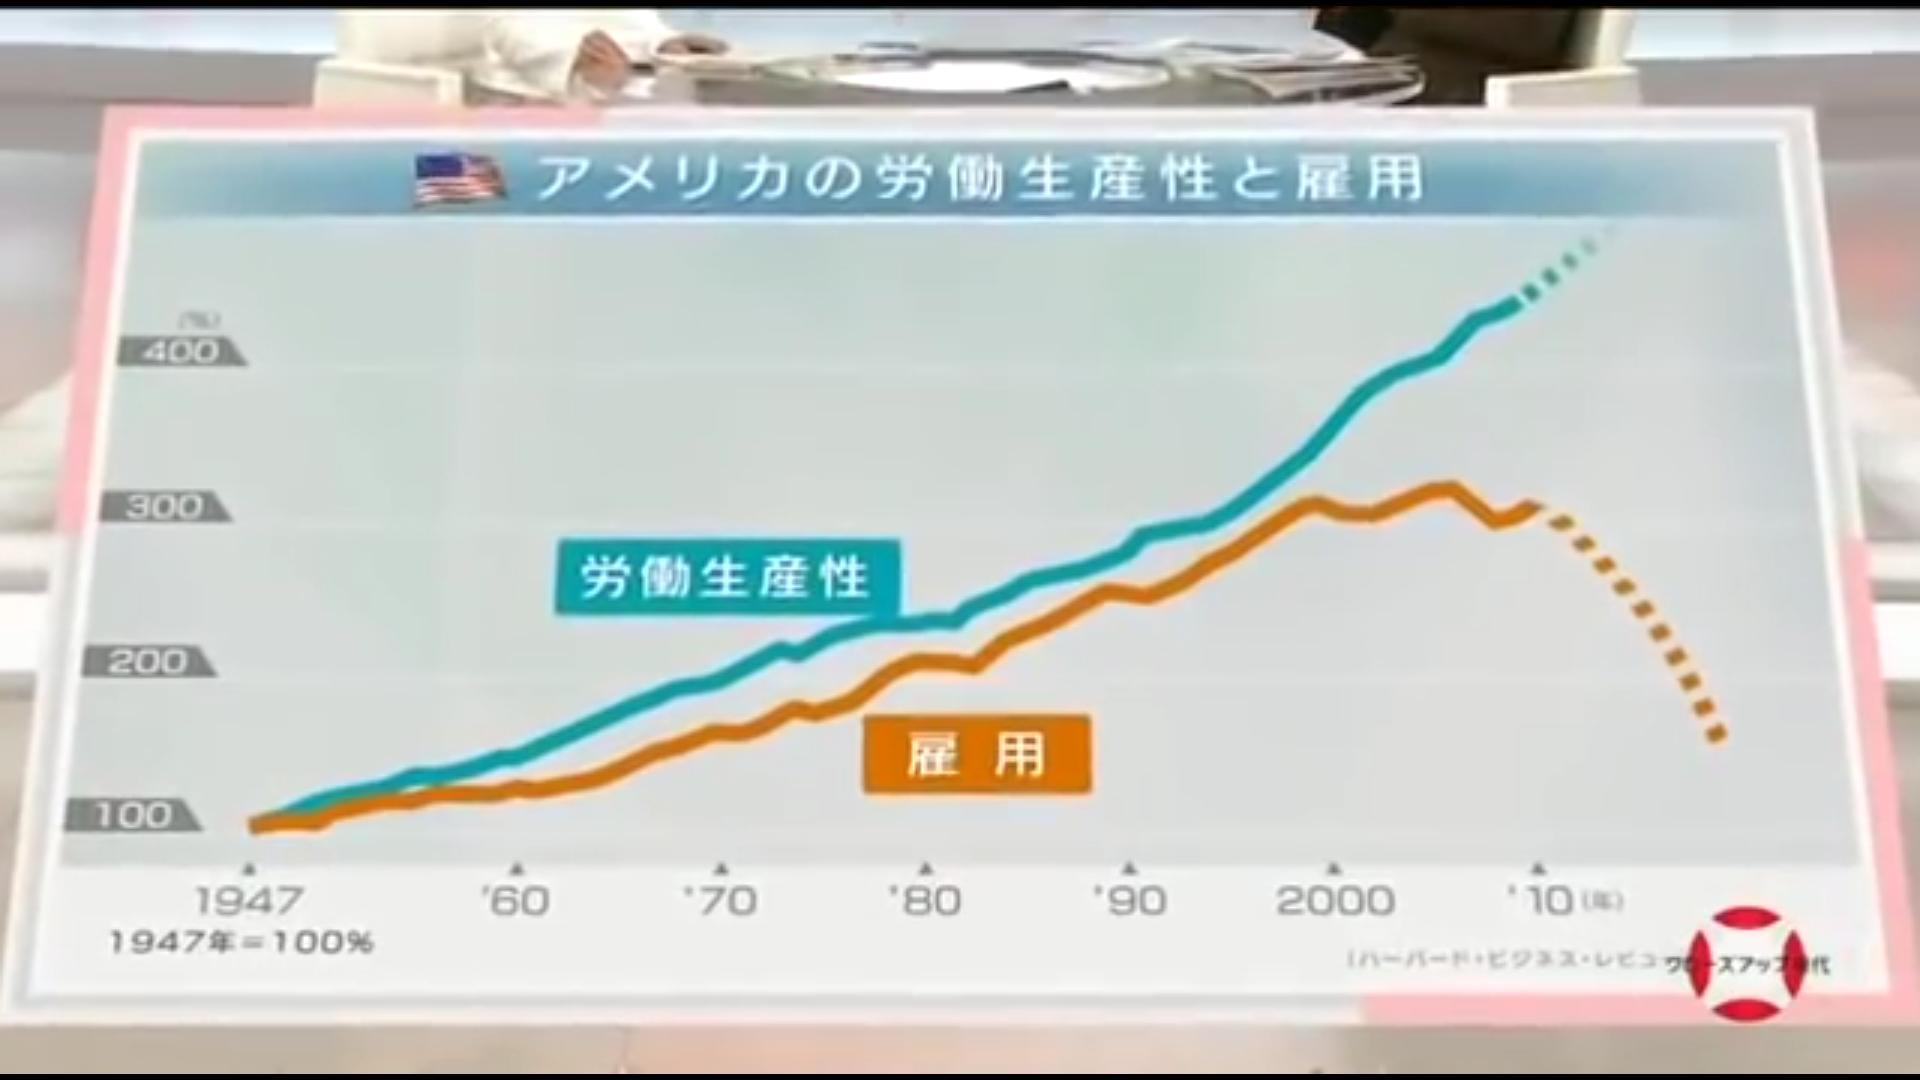 なぜ日本は人口減少が深刻な問題なのに移民を受け入れないのか?―中国ネット